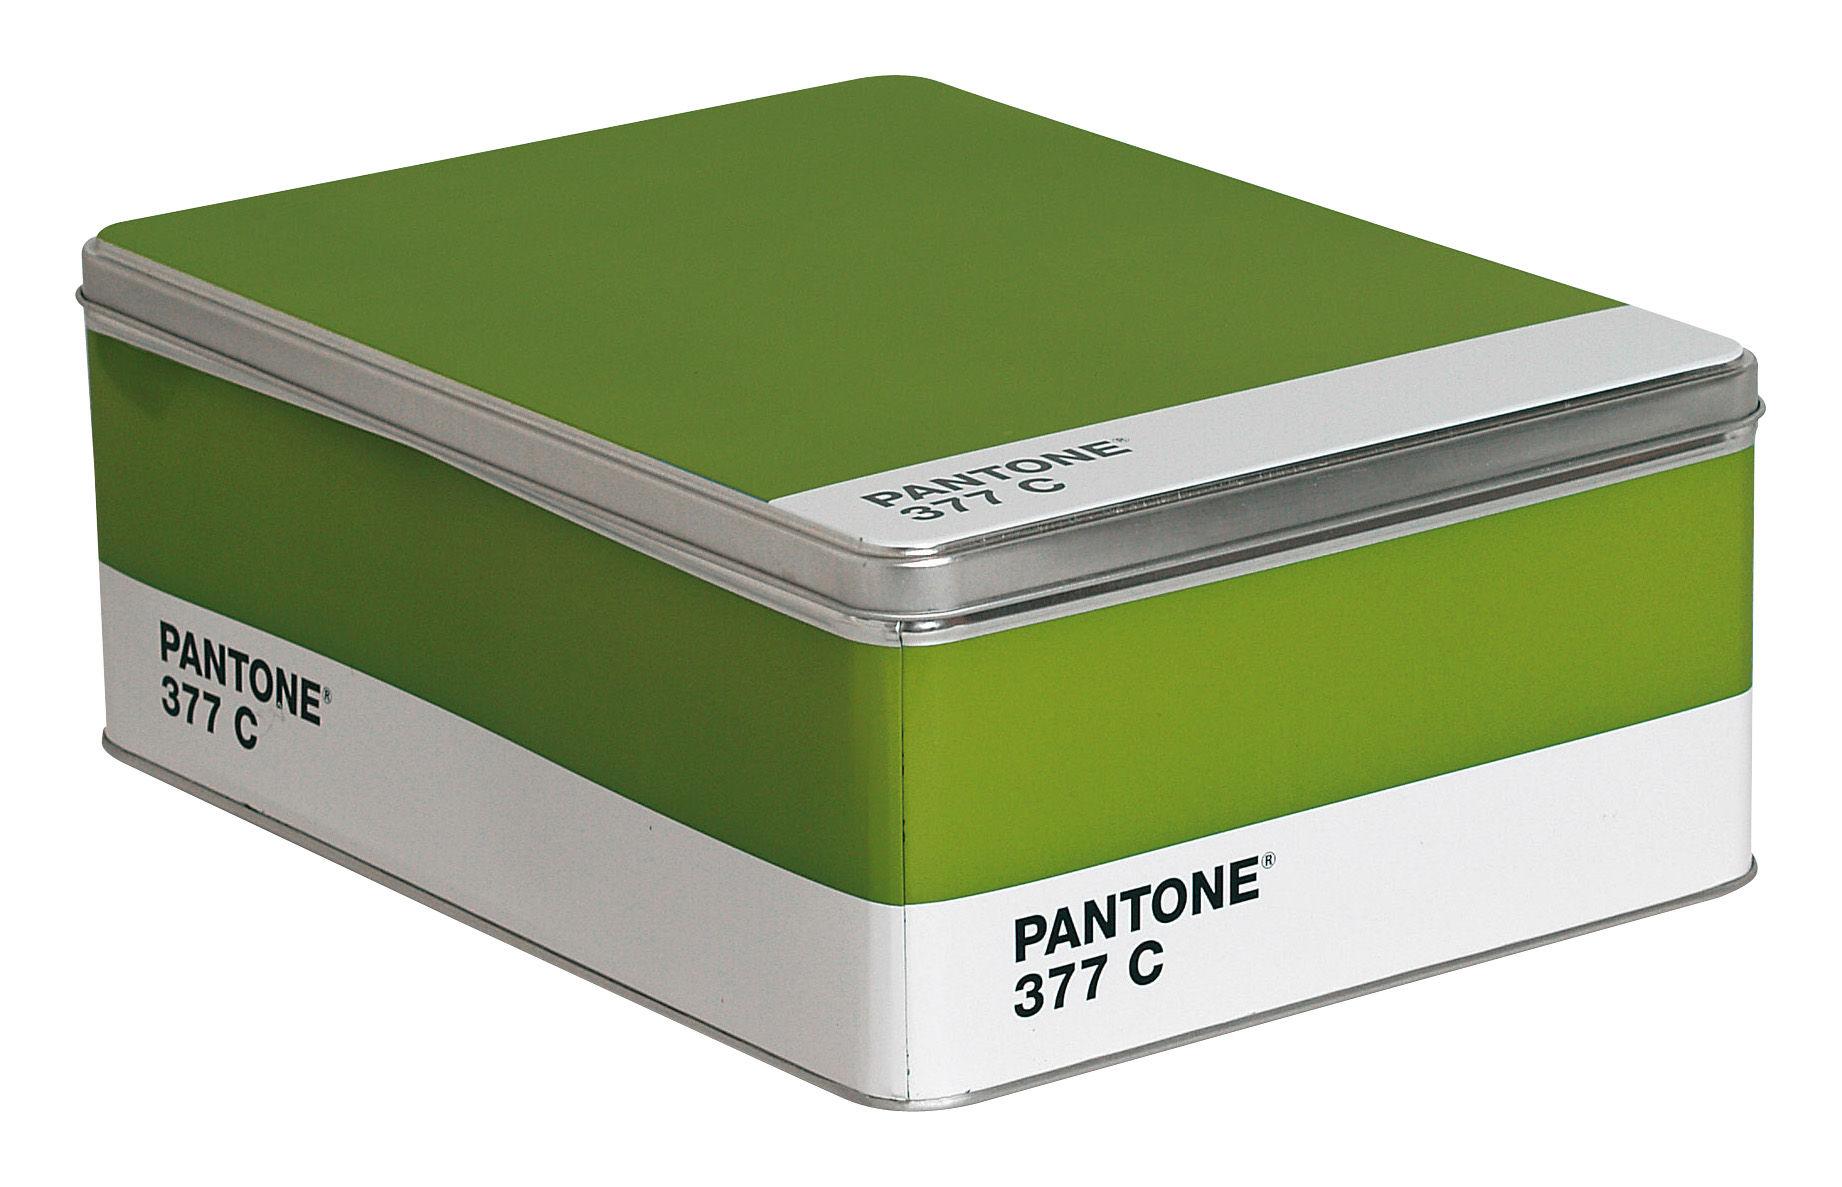 Déco - Pour les enfants - Boîte Pantone /H 11 cm - Seletti - 377C - Vert perroquet - Métal